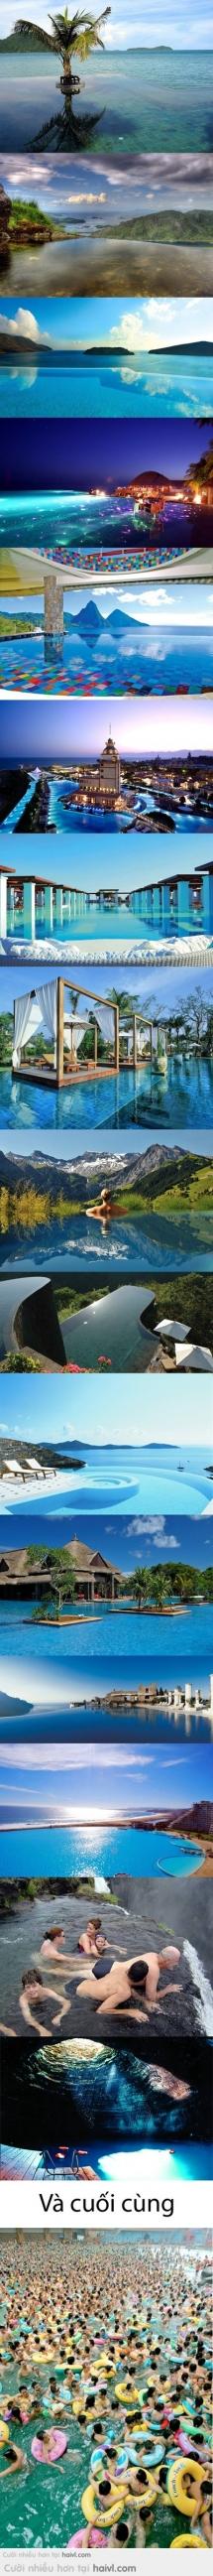 Những Cảnh Bơi Lội Đẹp Nhất Thế Giới ! :v